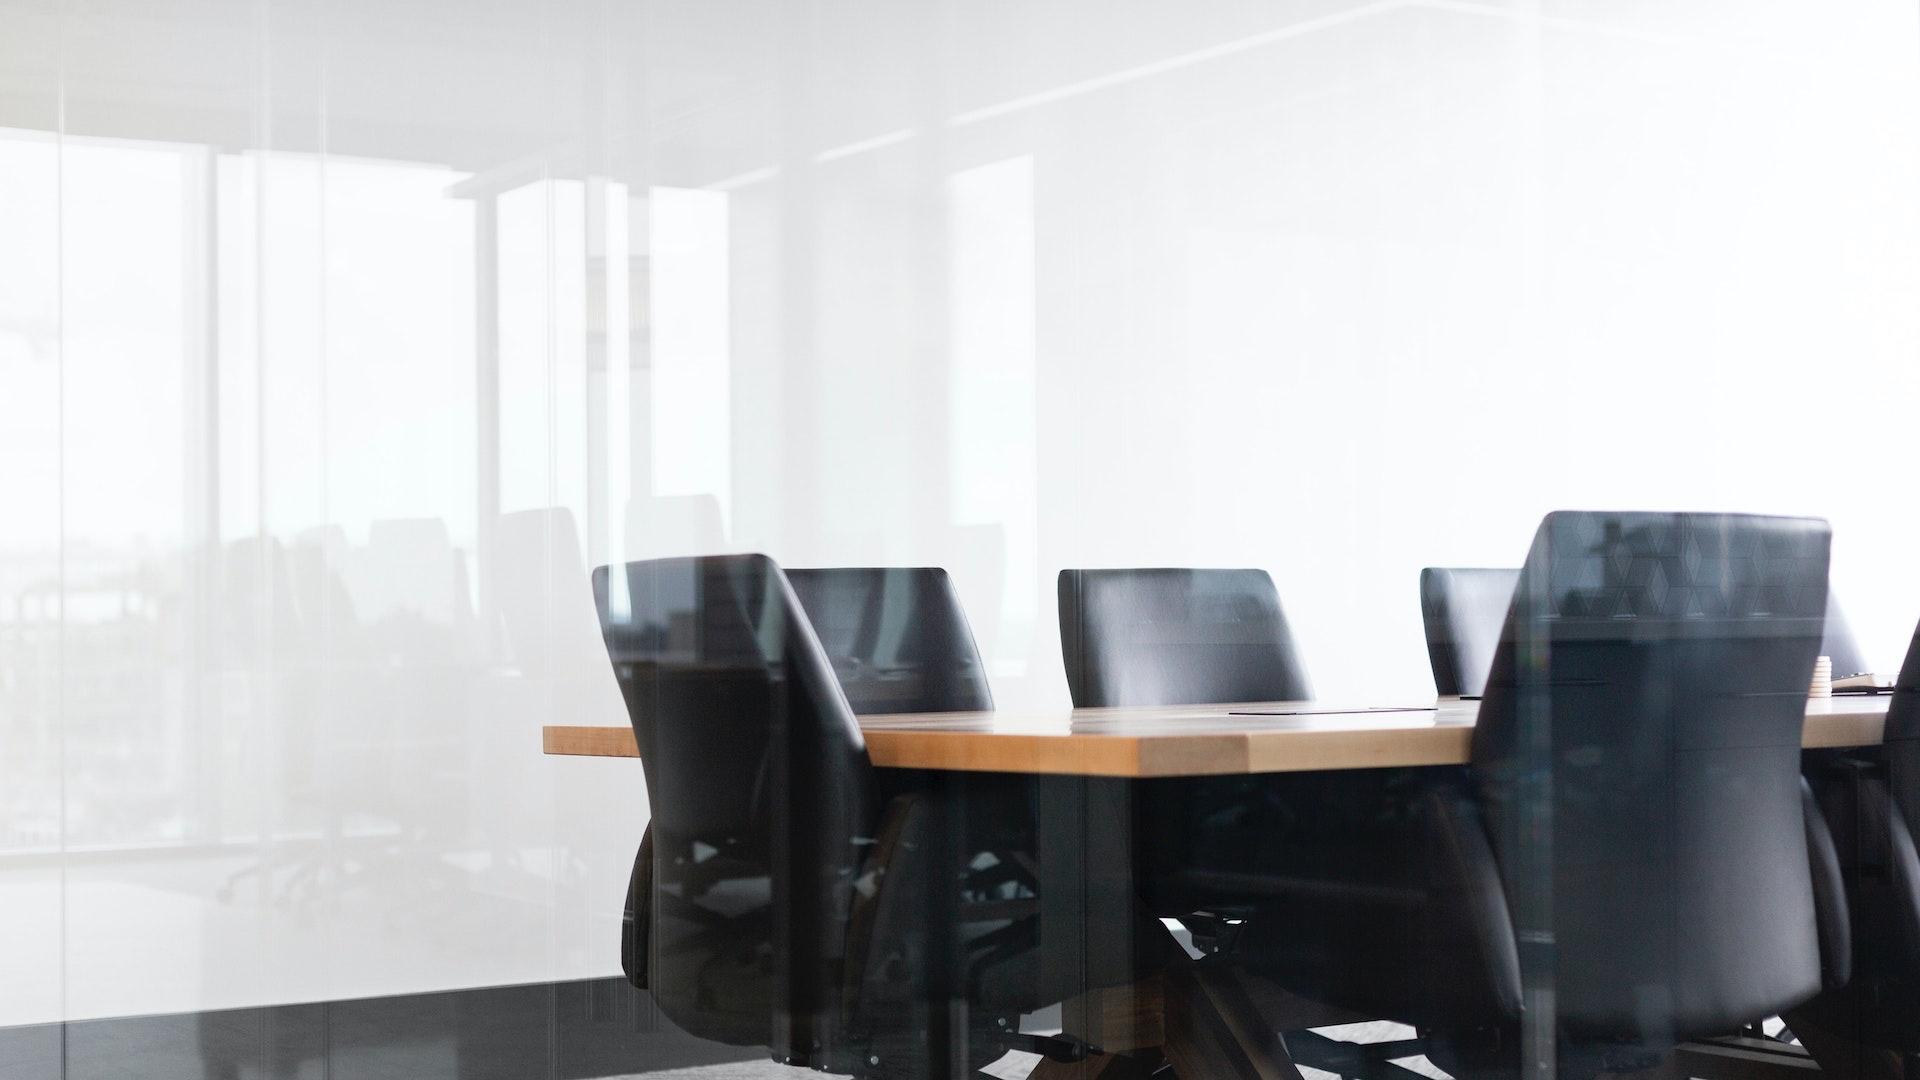 ガラスの向こうの会議室の無料バーチャル背景素材